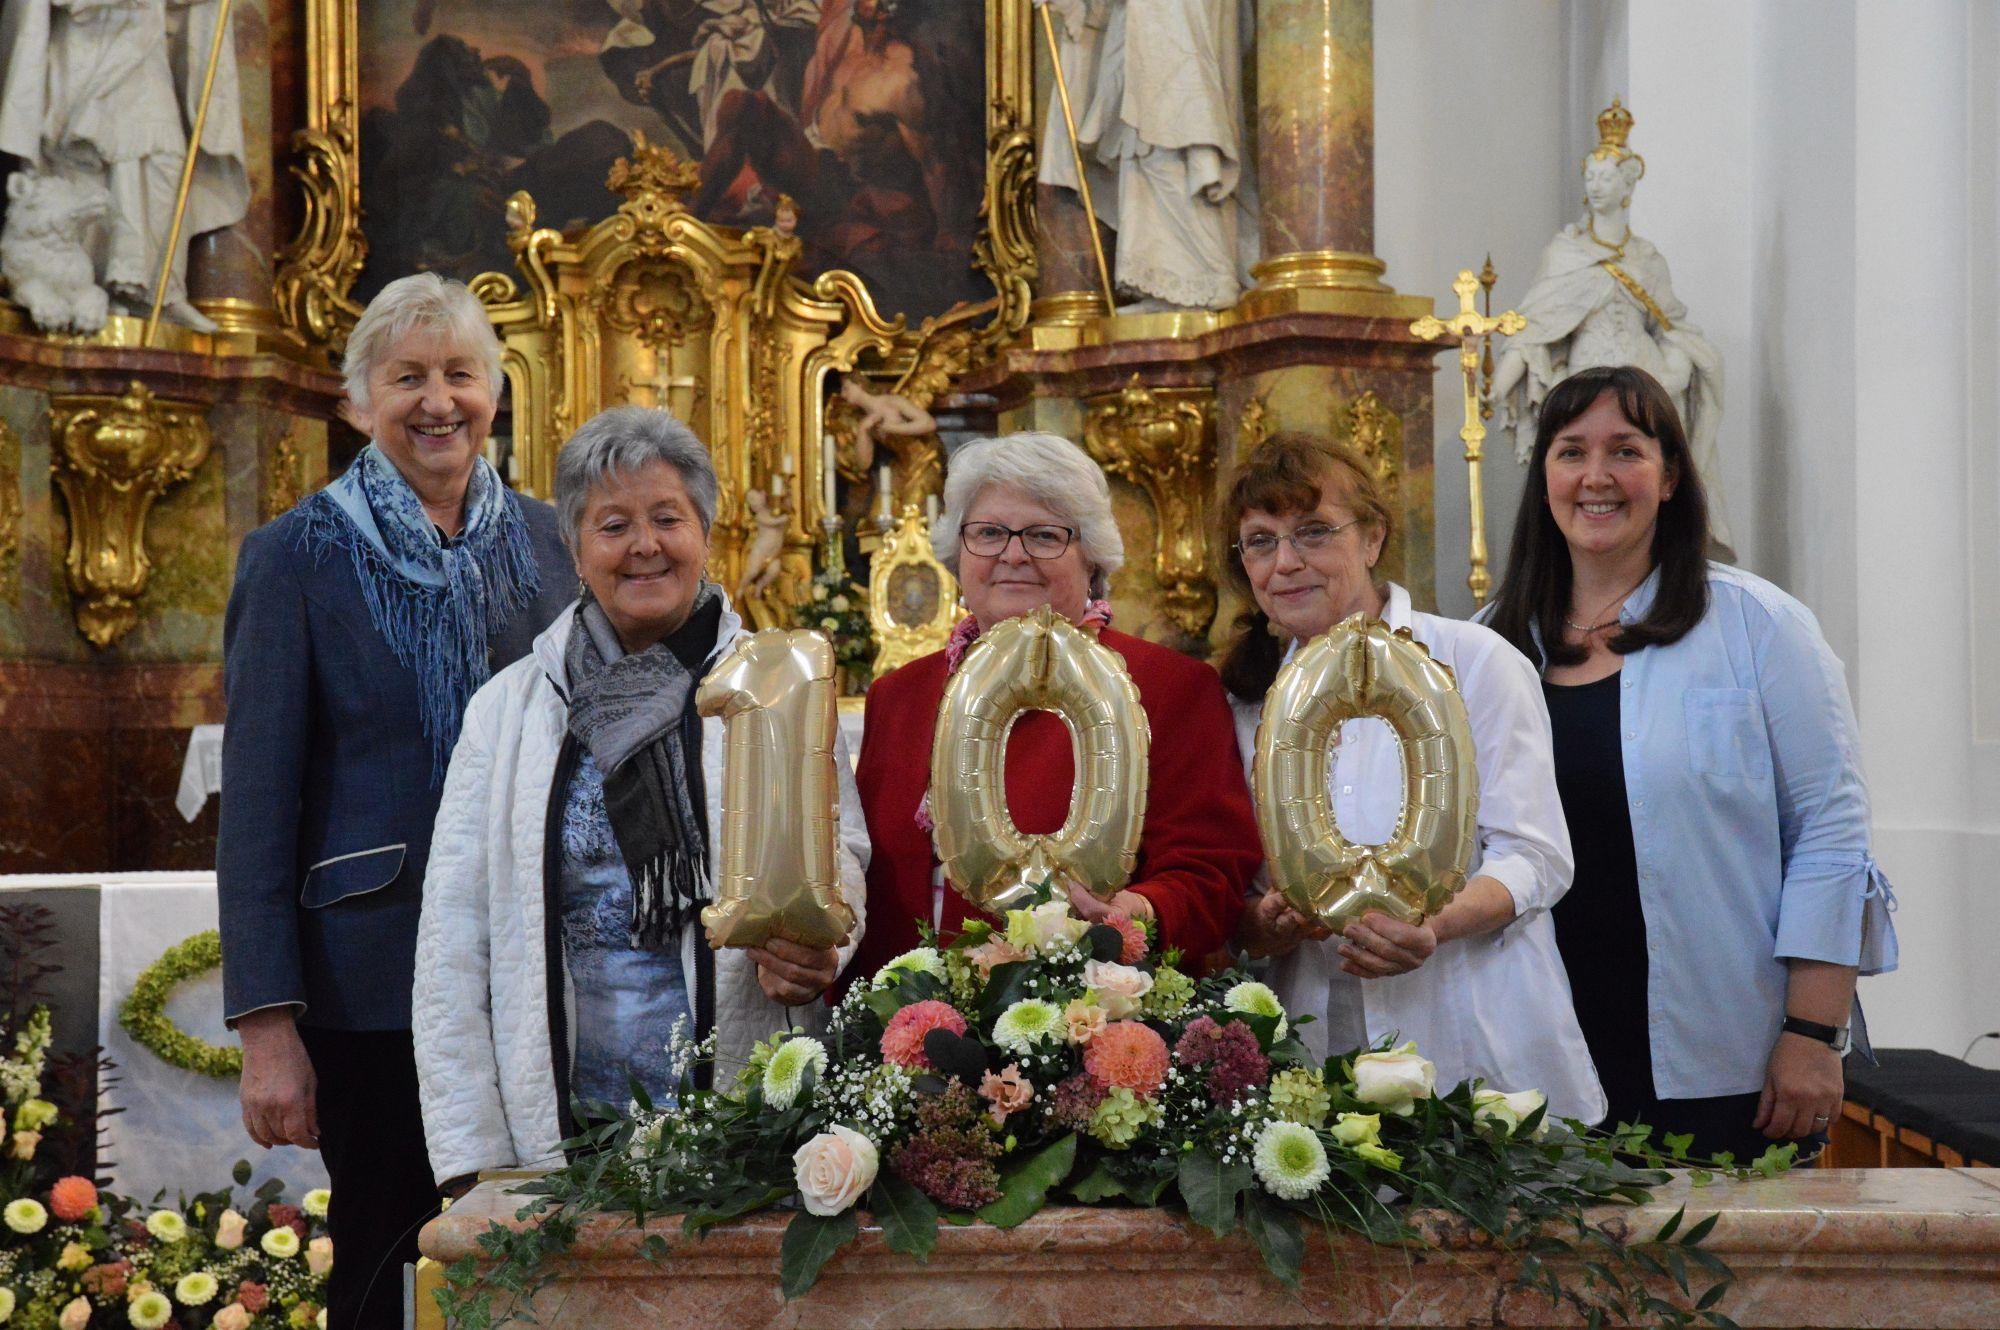 Vorstand des Vereins der Pfarrhaushälterinnen mit 100